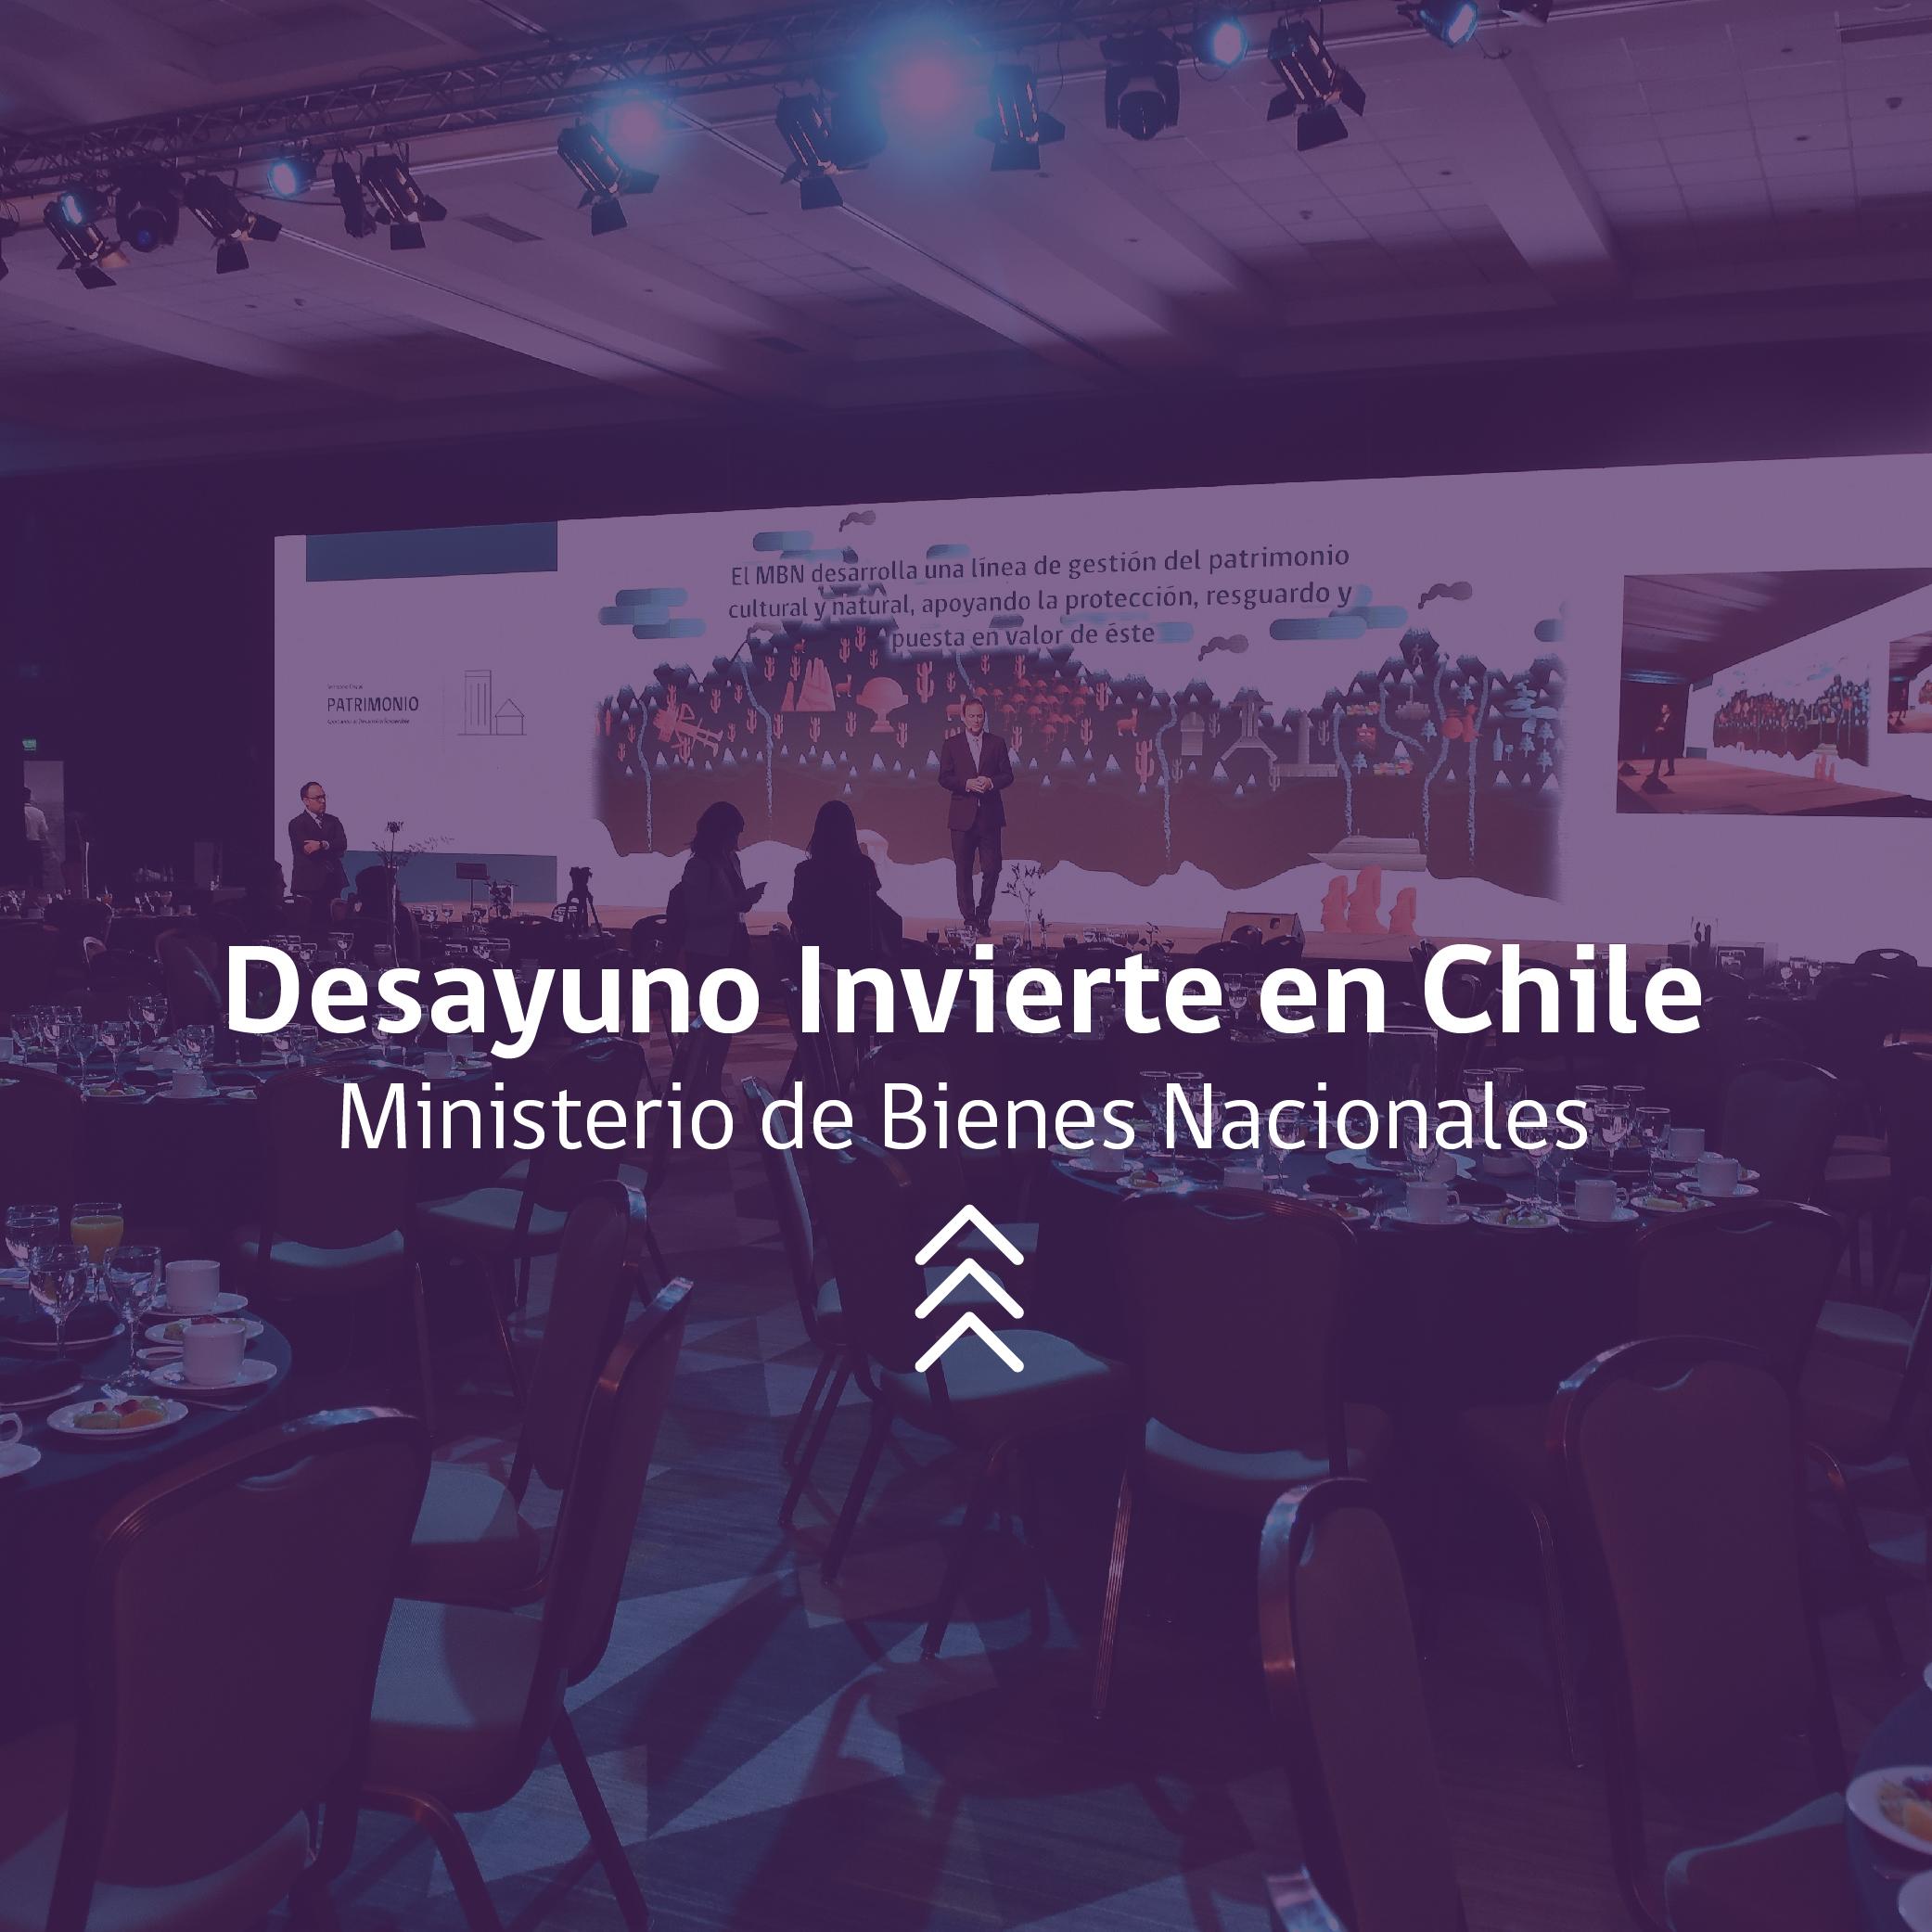 Desayuno Invierte en Chile Ministerio Bienes Nacionales Eventos